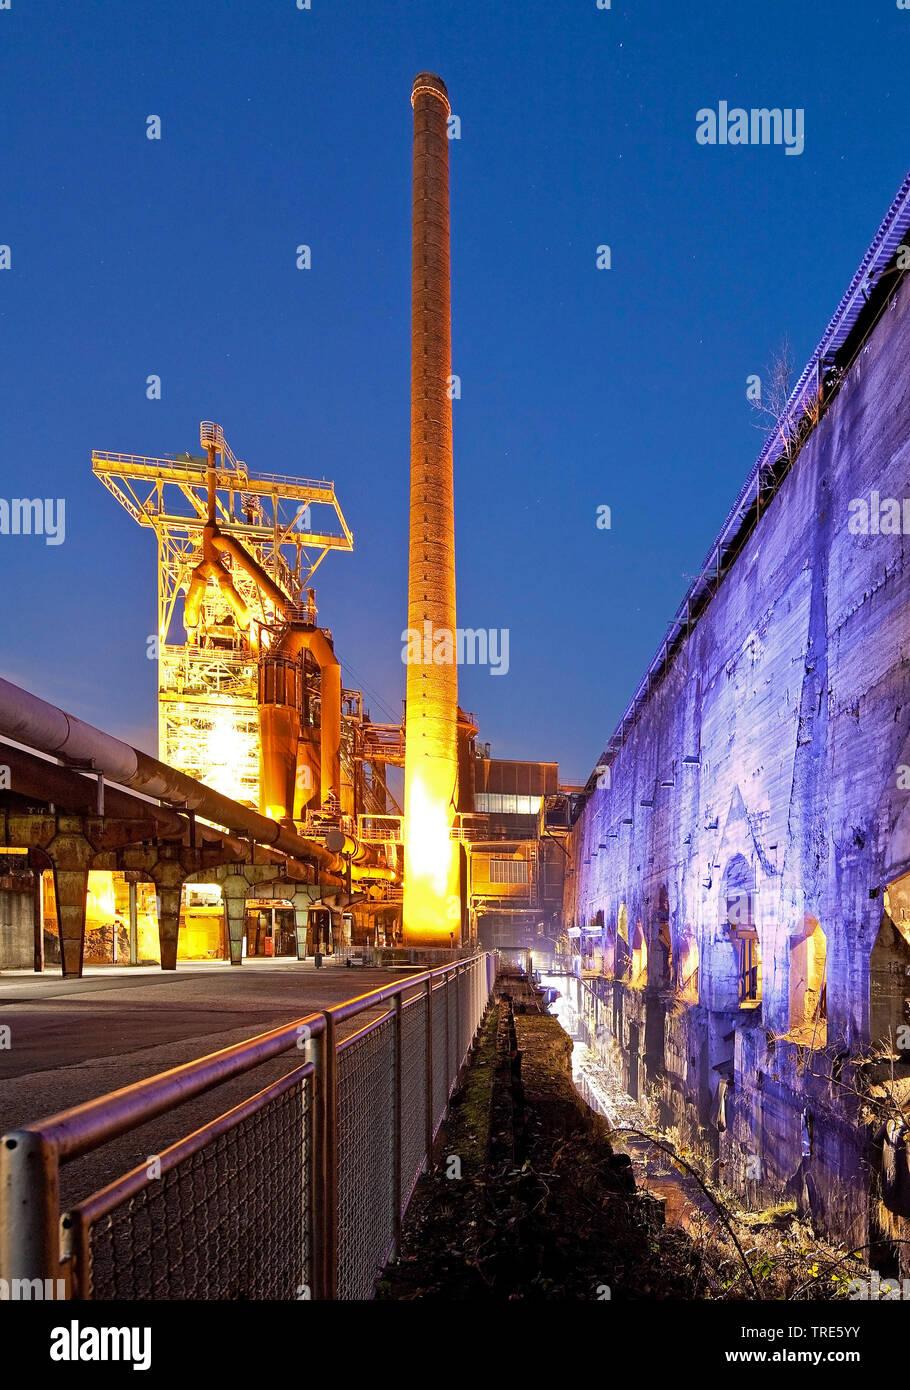 beleuchtetes Industriemuseum Heinrichshuette, Deutschland, Nordrhein-Westfalen, Ruhrgebiet, Hattingen | illuminated Industrial Museum Heinrichshuette, - Stock Image